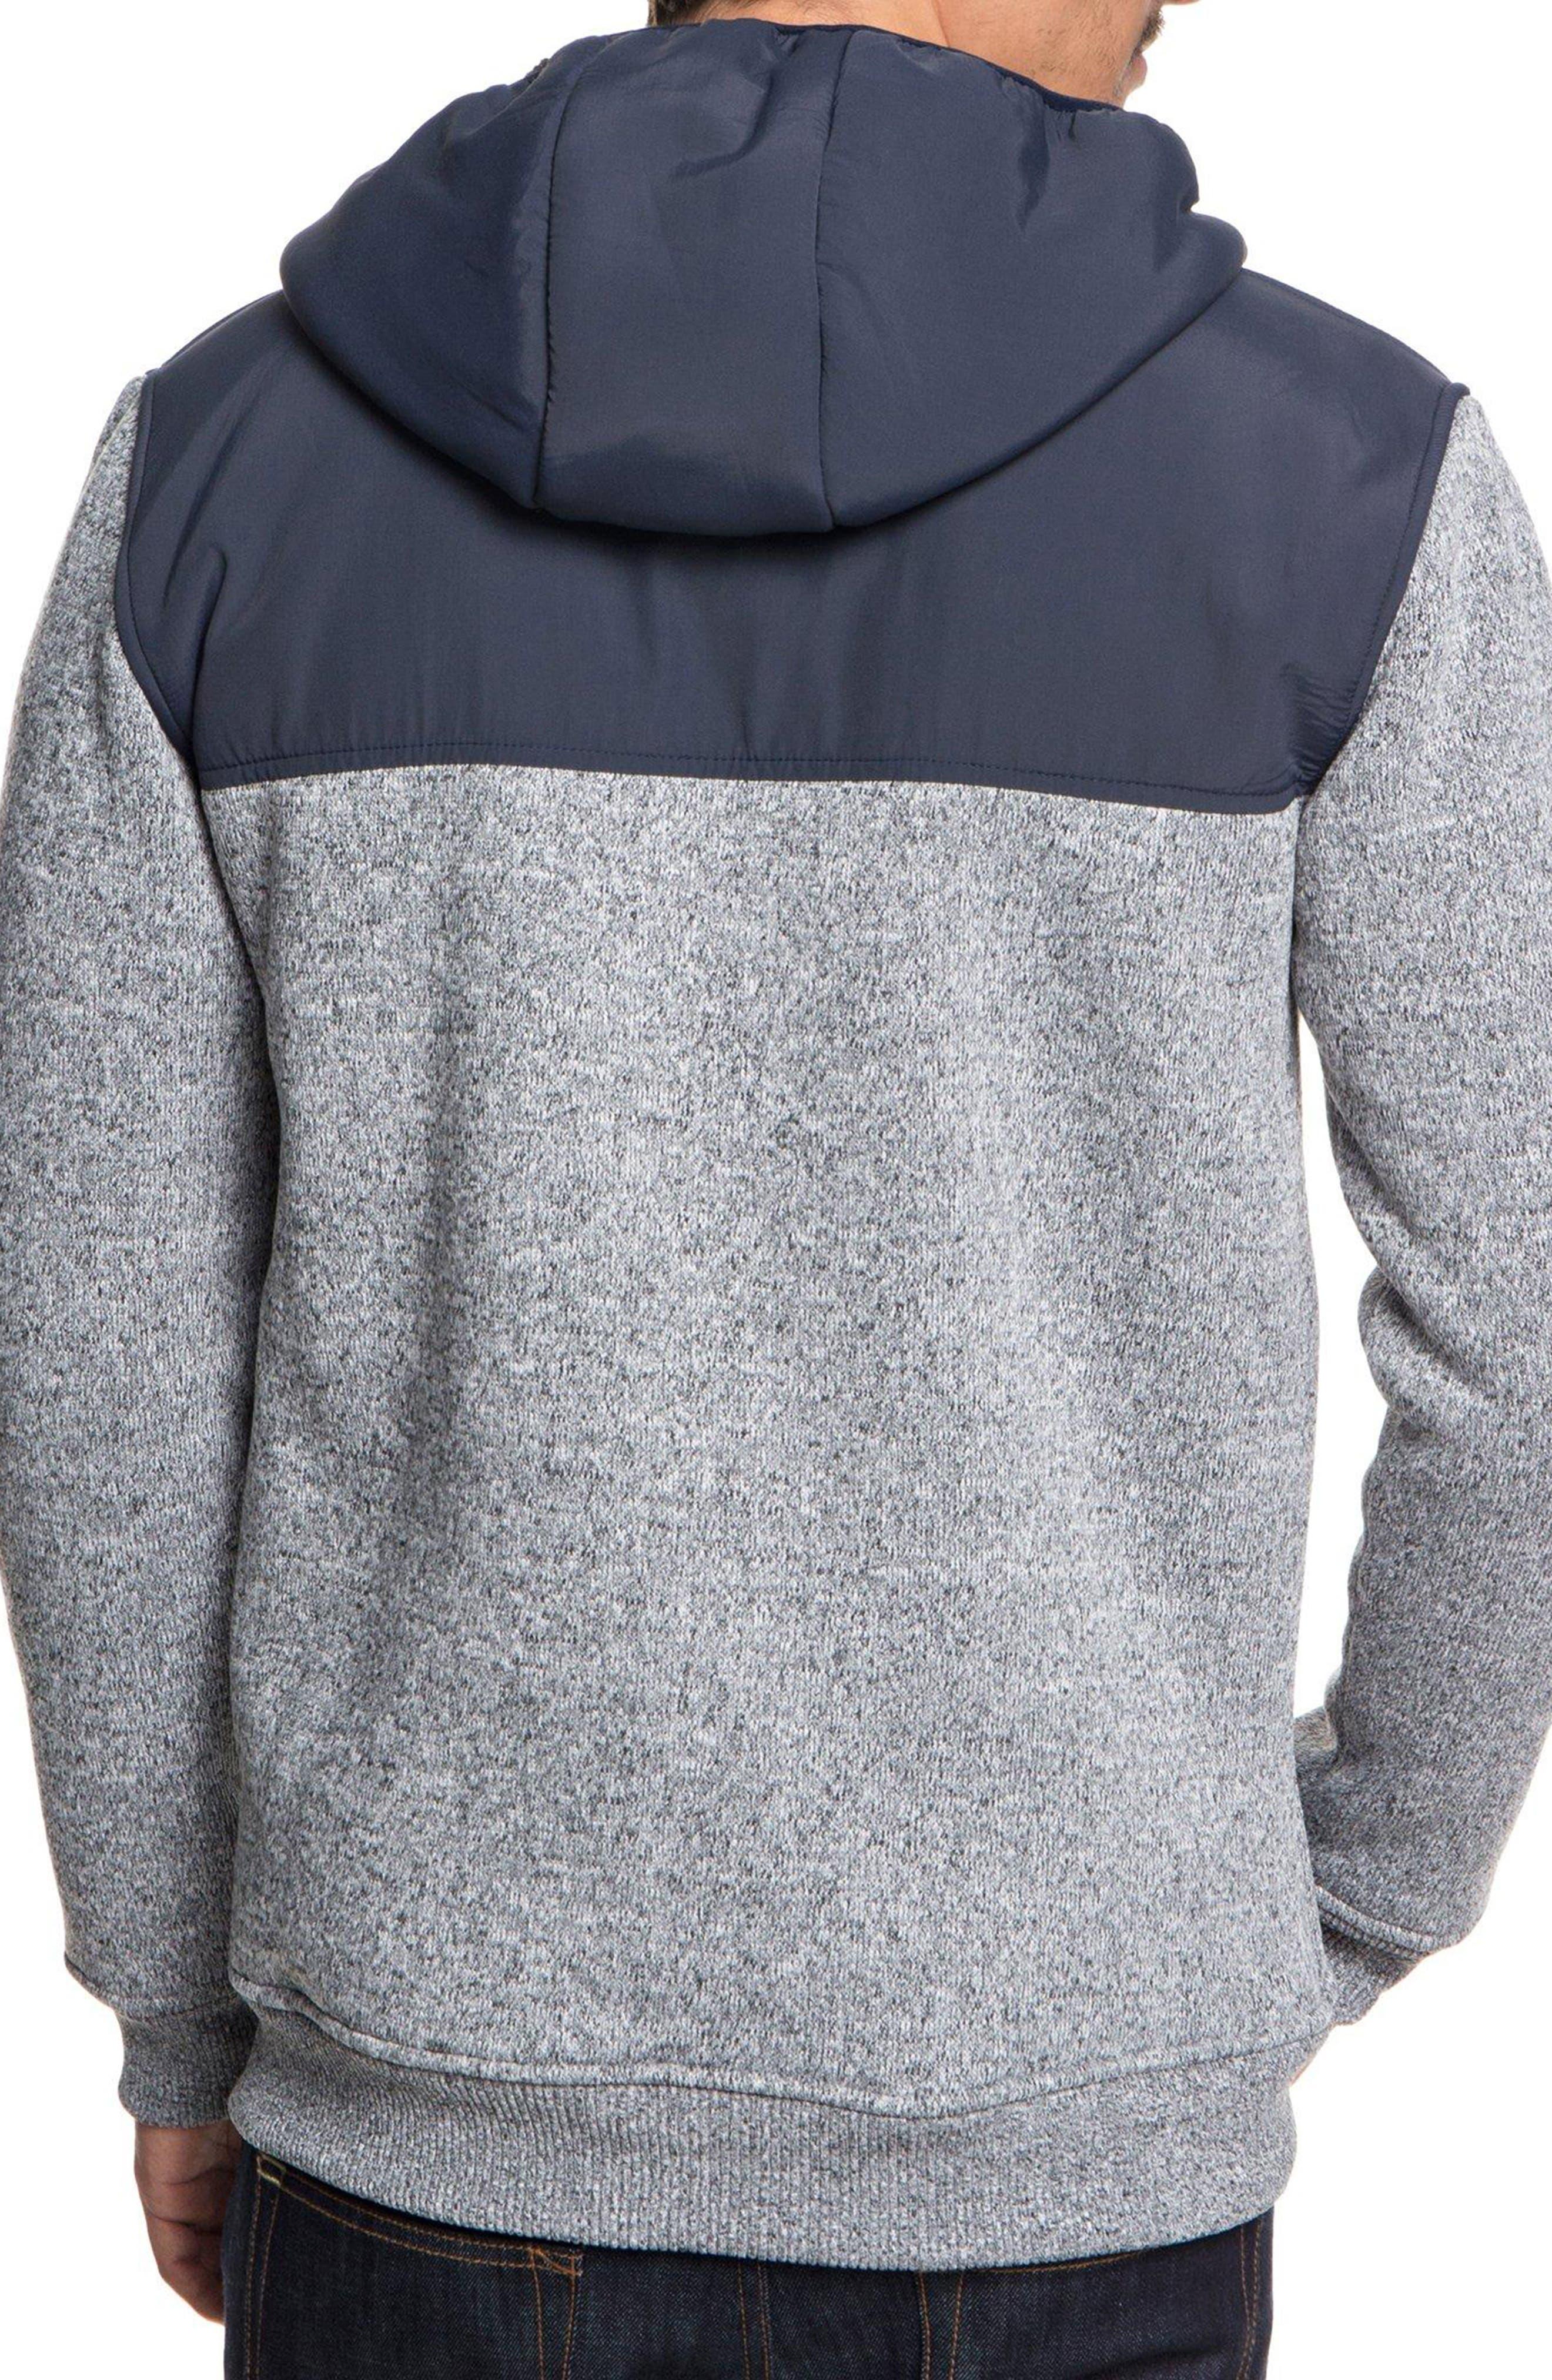 Keller Mix Hooded Jacket,                             Alternate thumbnail 2, color,                             401